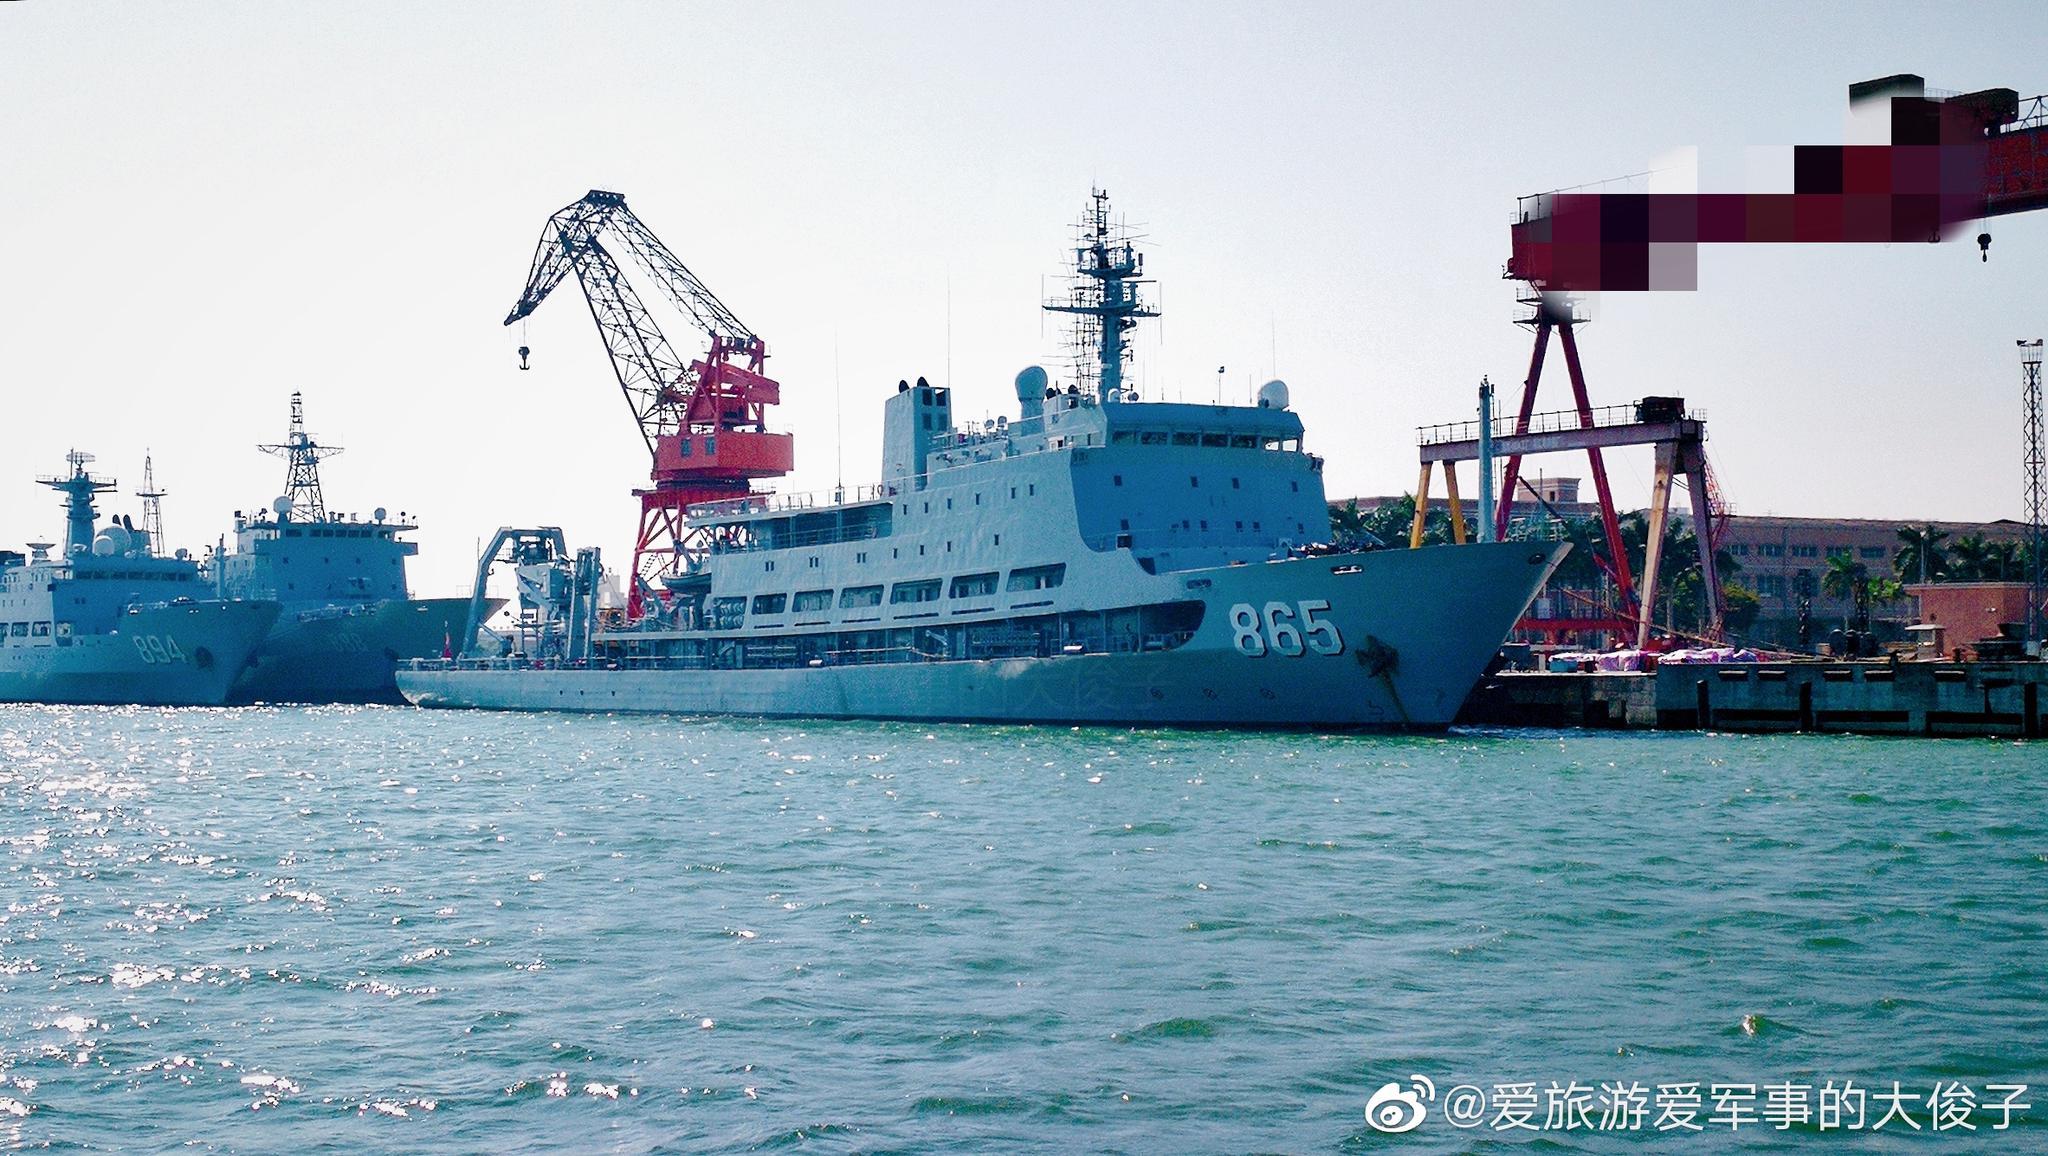 926型潜艇支援舰刘公岛舰